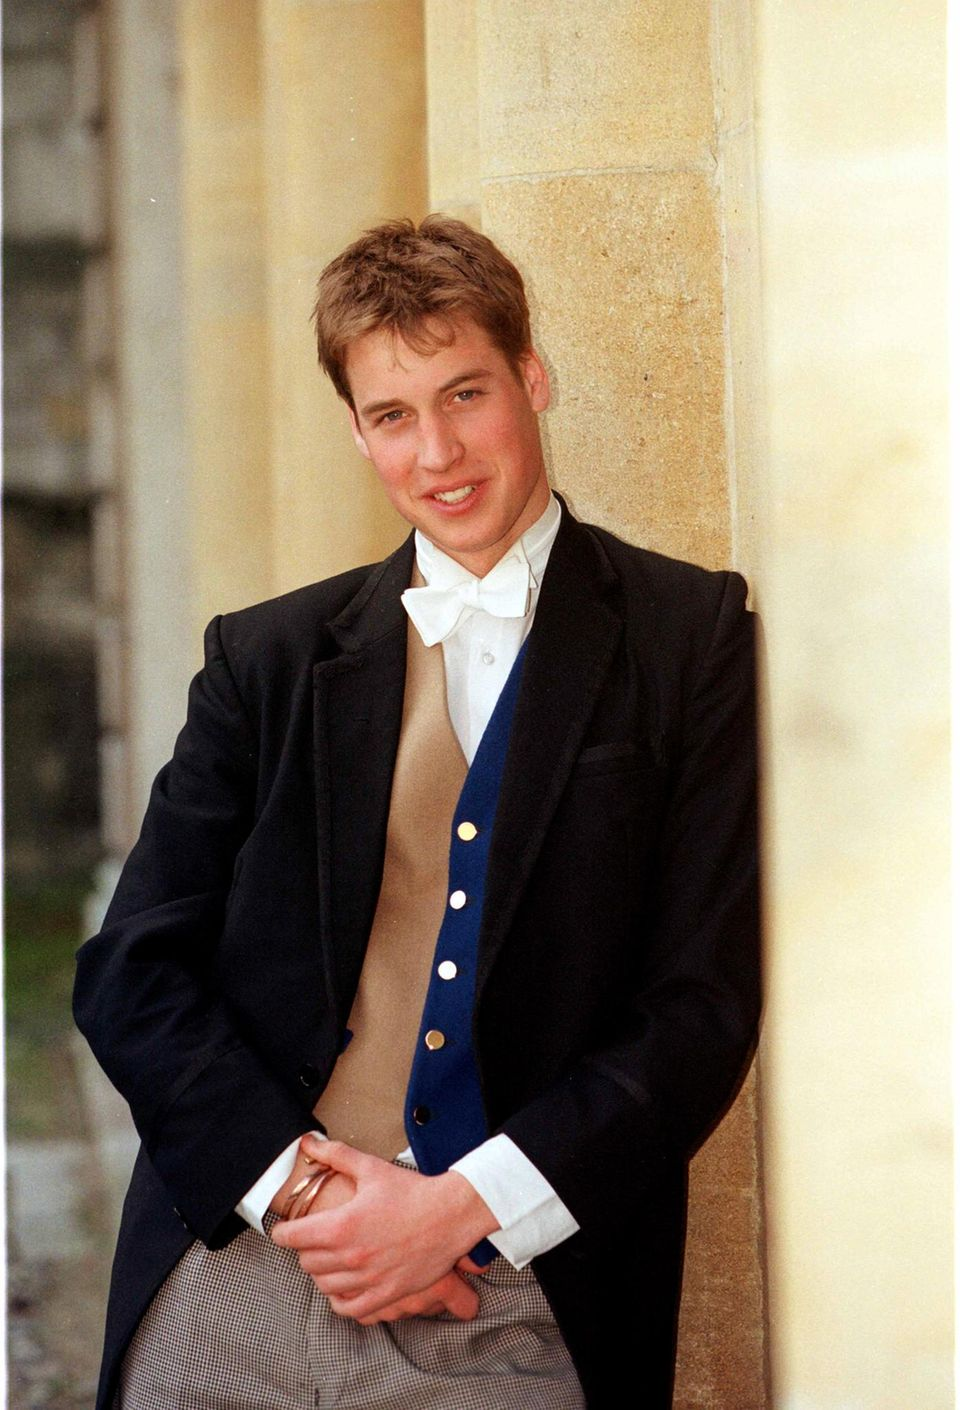 Prinz William besuchte von1995 bis 2000 das elitäre Eton College in der englischen Grafschaft Berkshire.